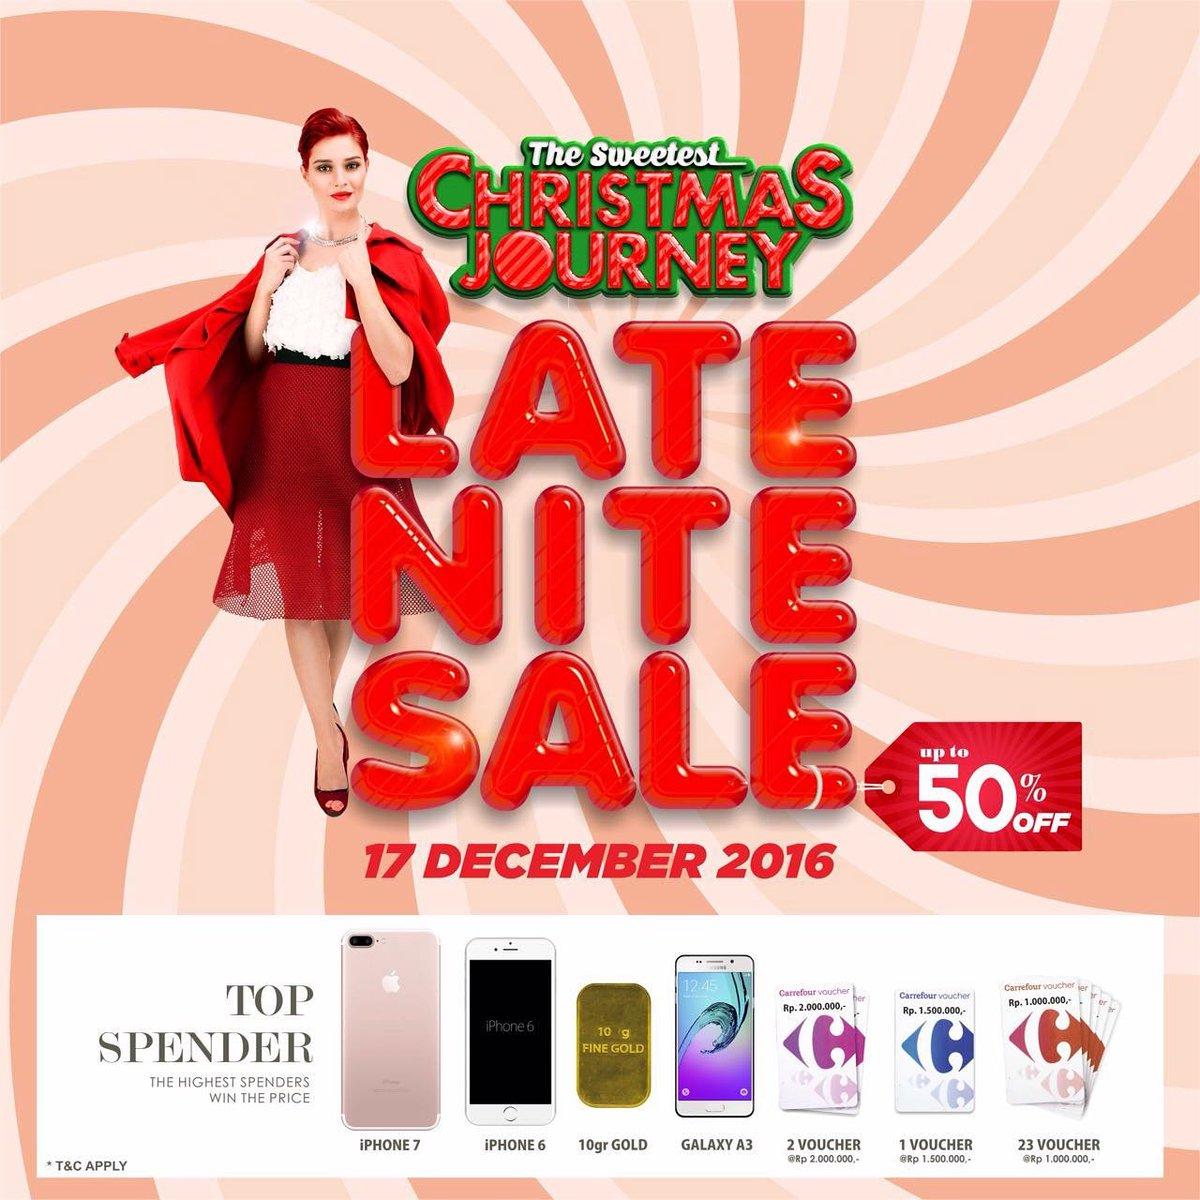 Carrefour Voucher 2 000 Daftar Harga Terlengkap Indonesia Pecahan Rp 500